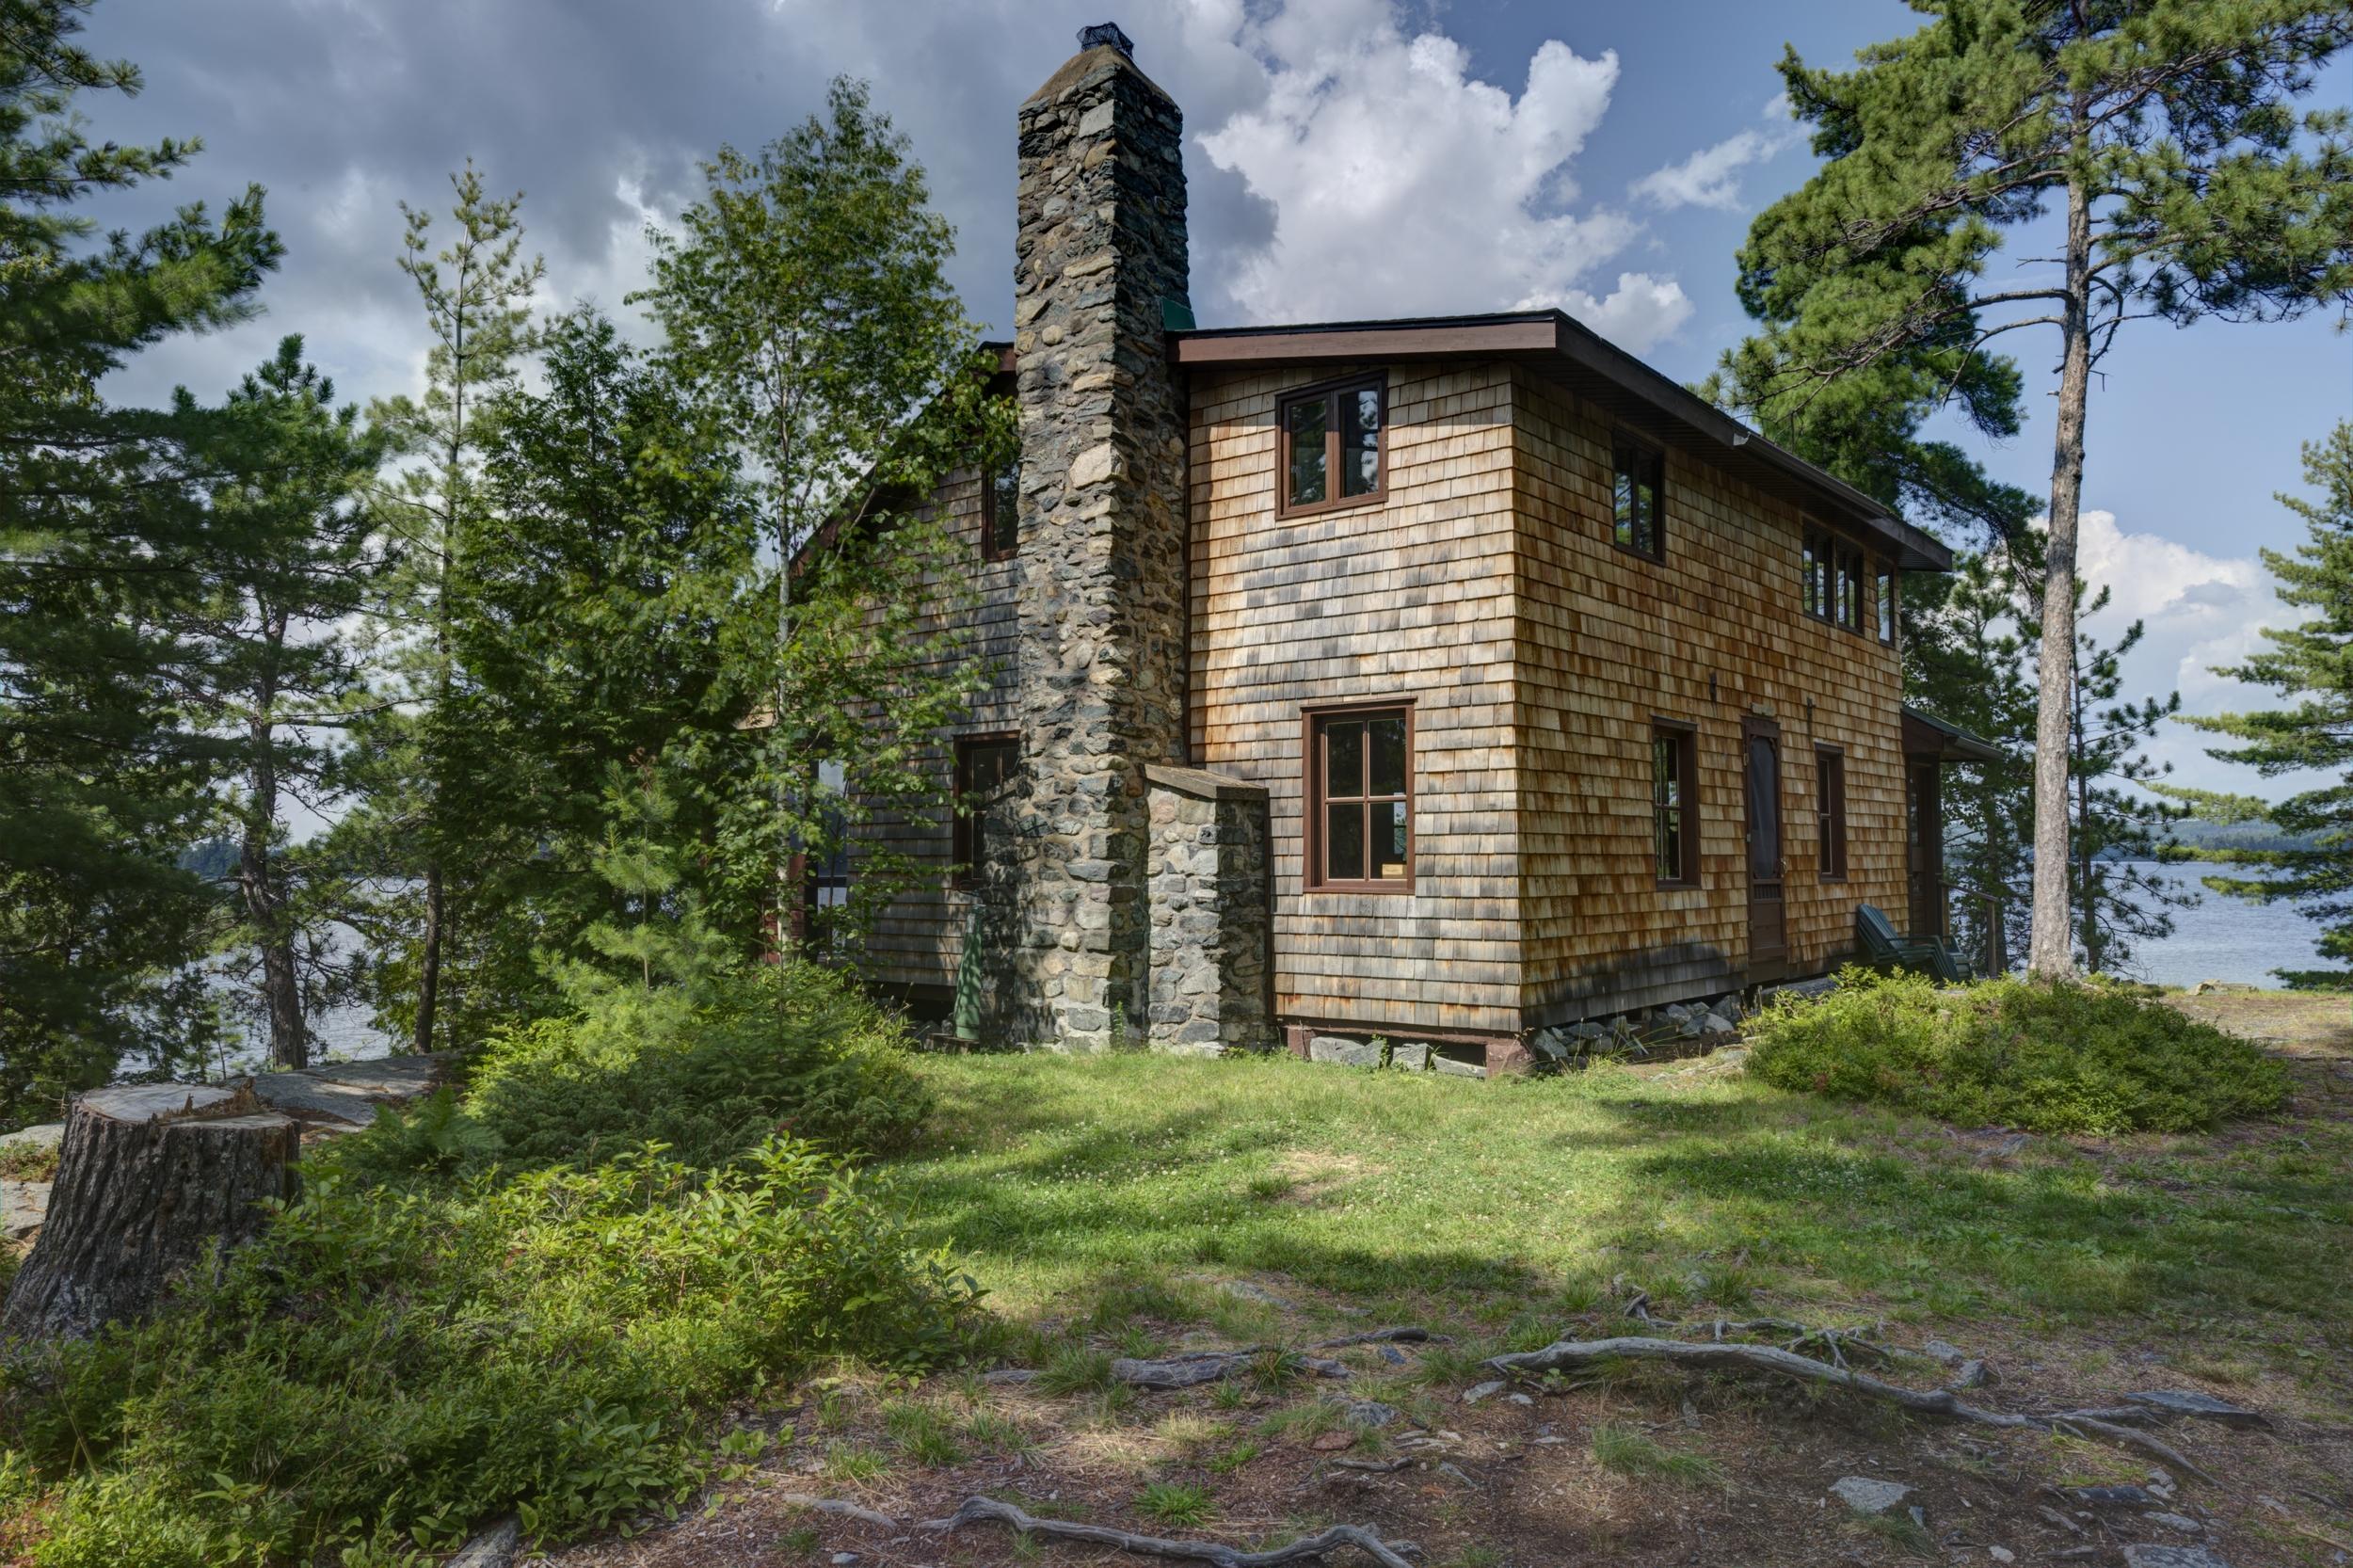 The Ojibway Lodge